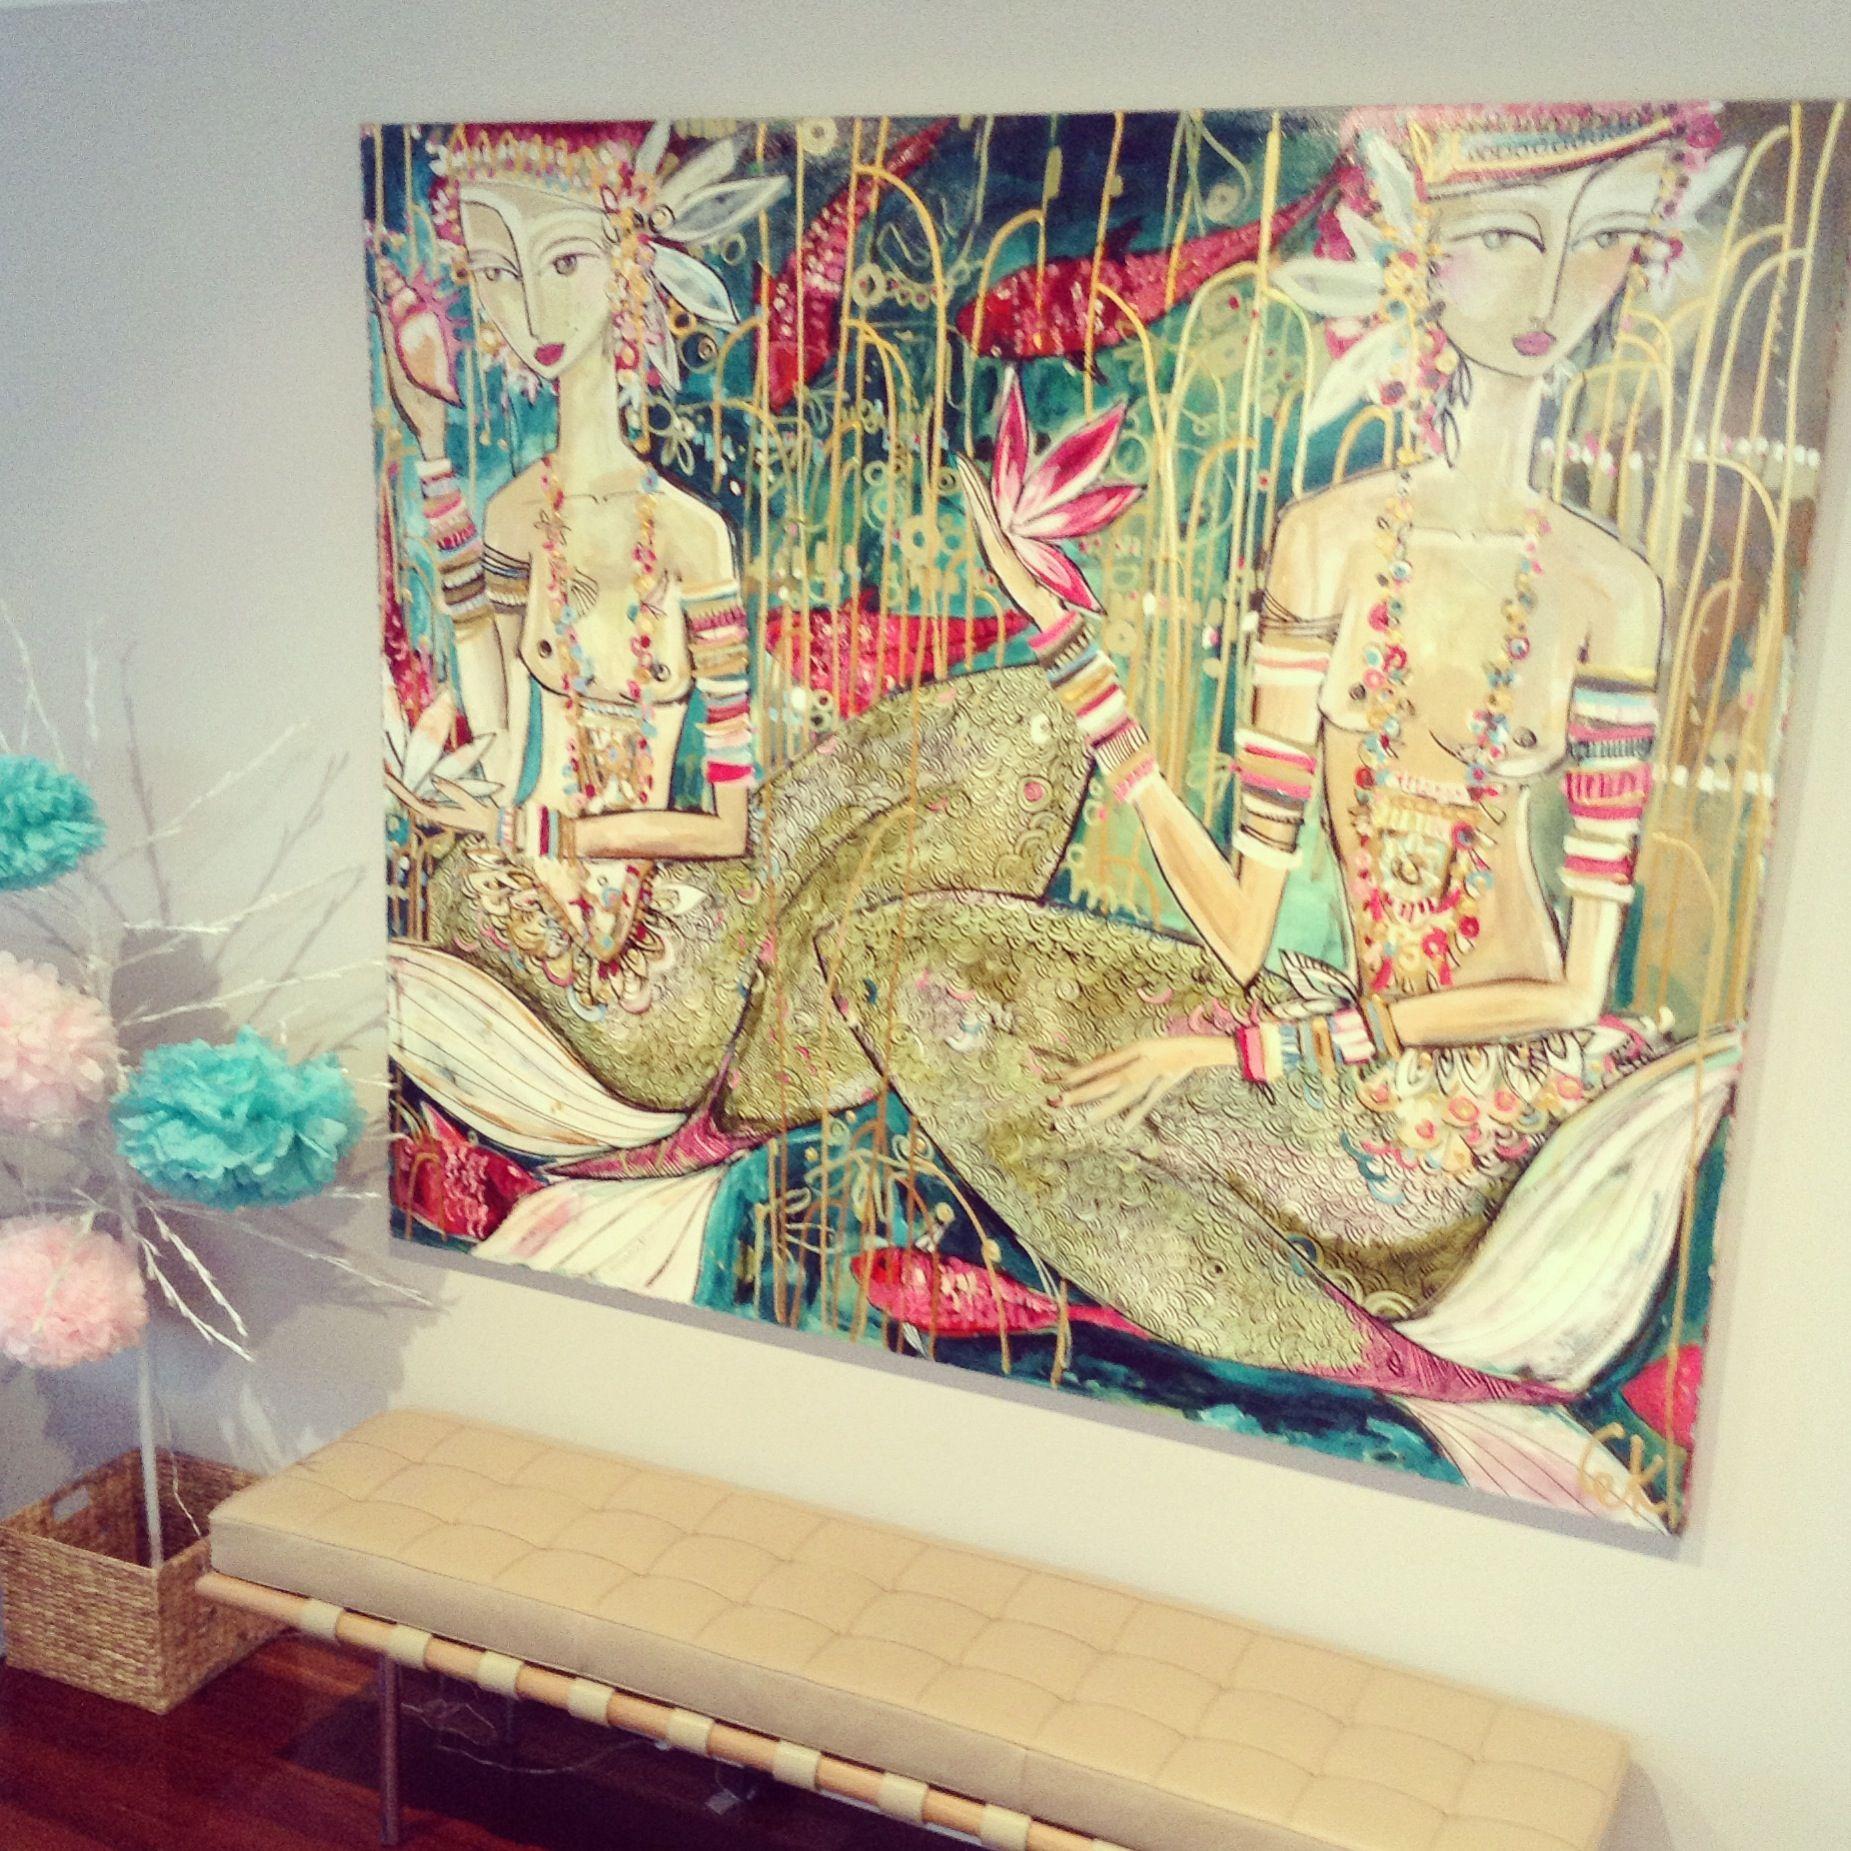 Jai vasicek amazing artist | category | Pinterest | Artist, Art ...